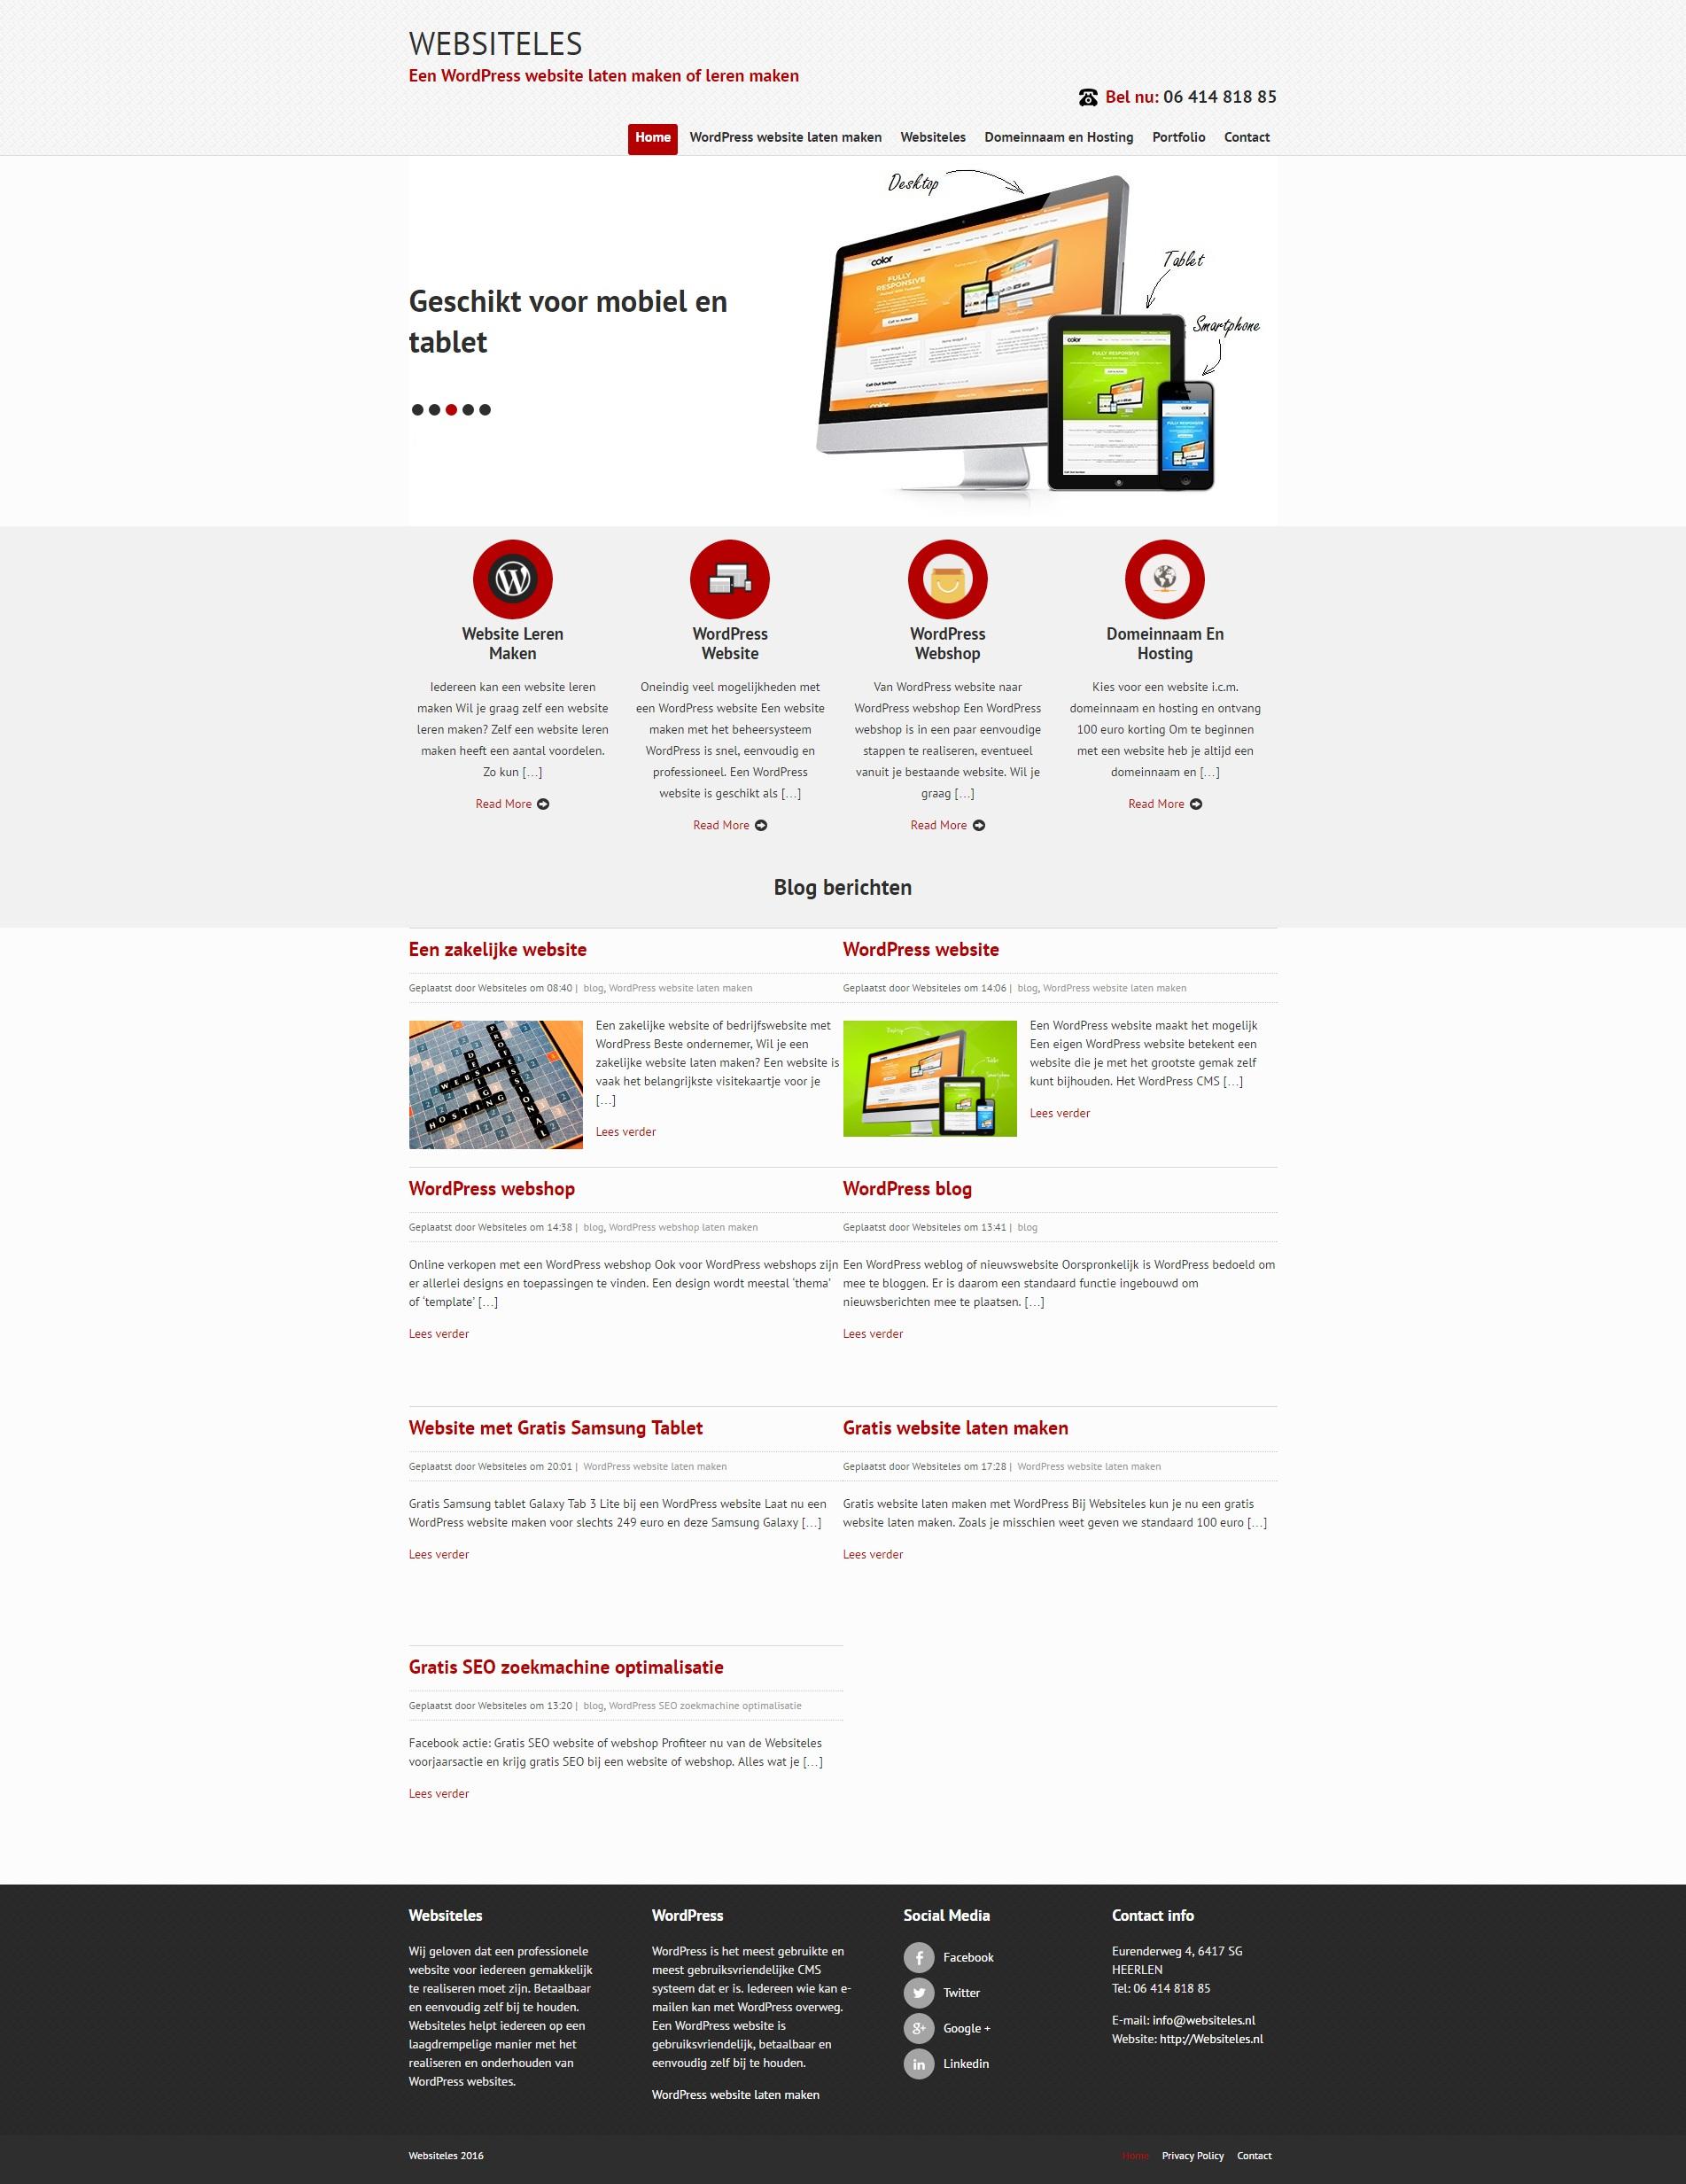 Websiteles website 2016